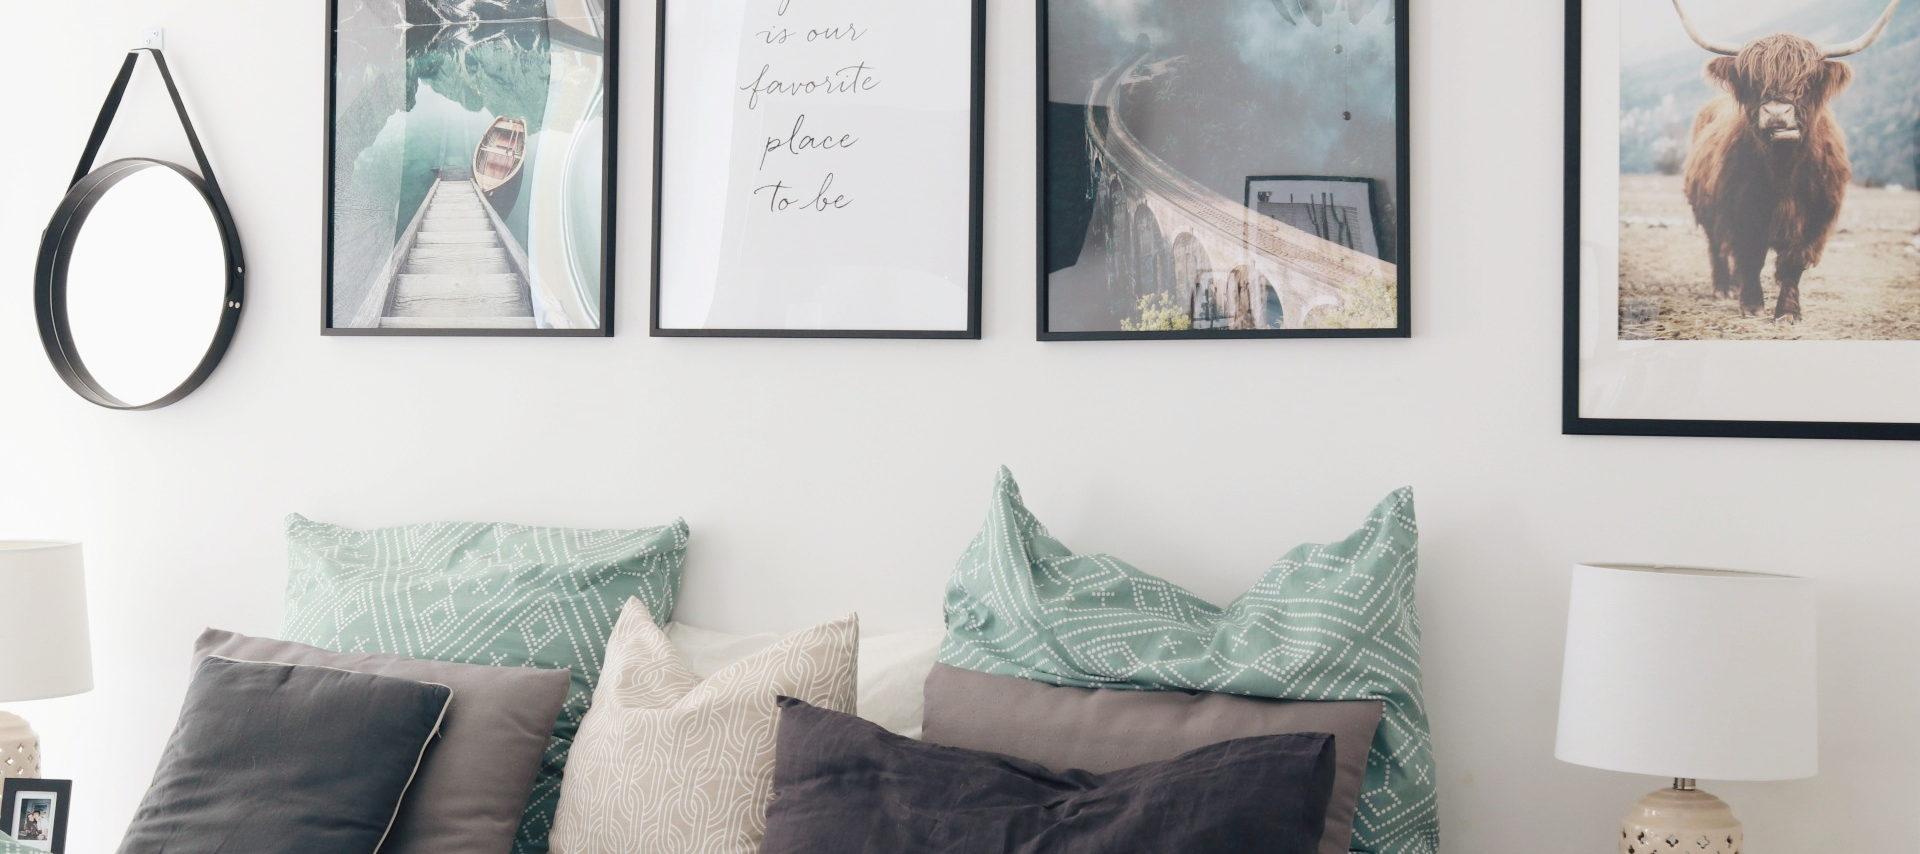 Wandbilder für das Schlafzimmer: Inspiration & Tipps für mehr Gemütlichkeit